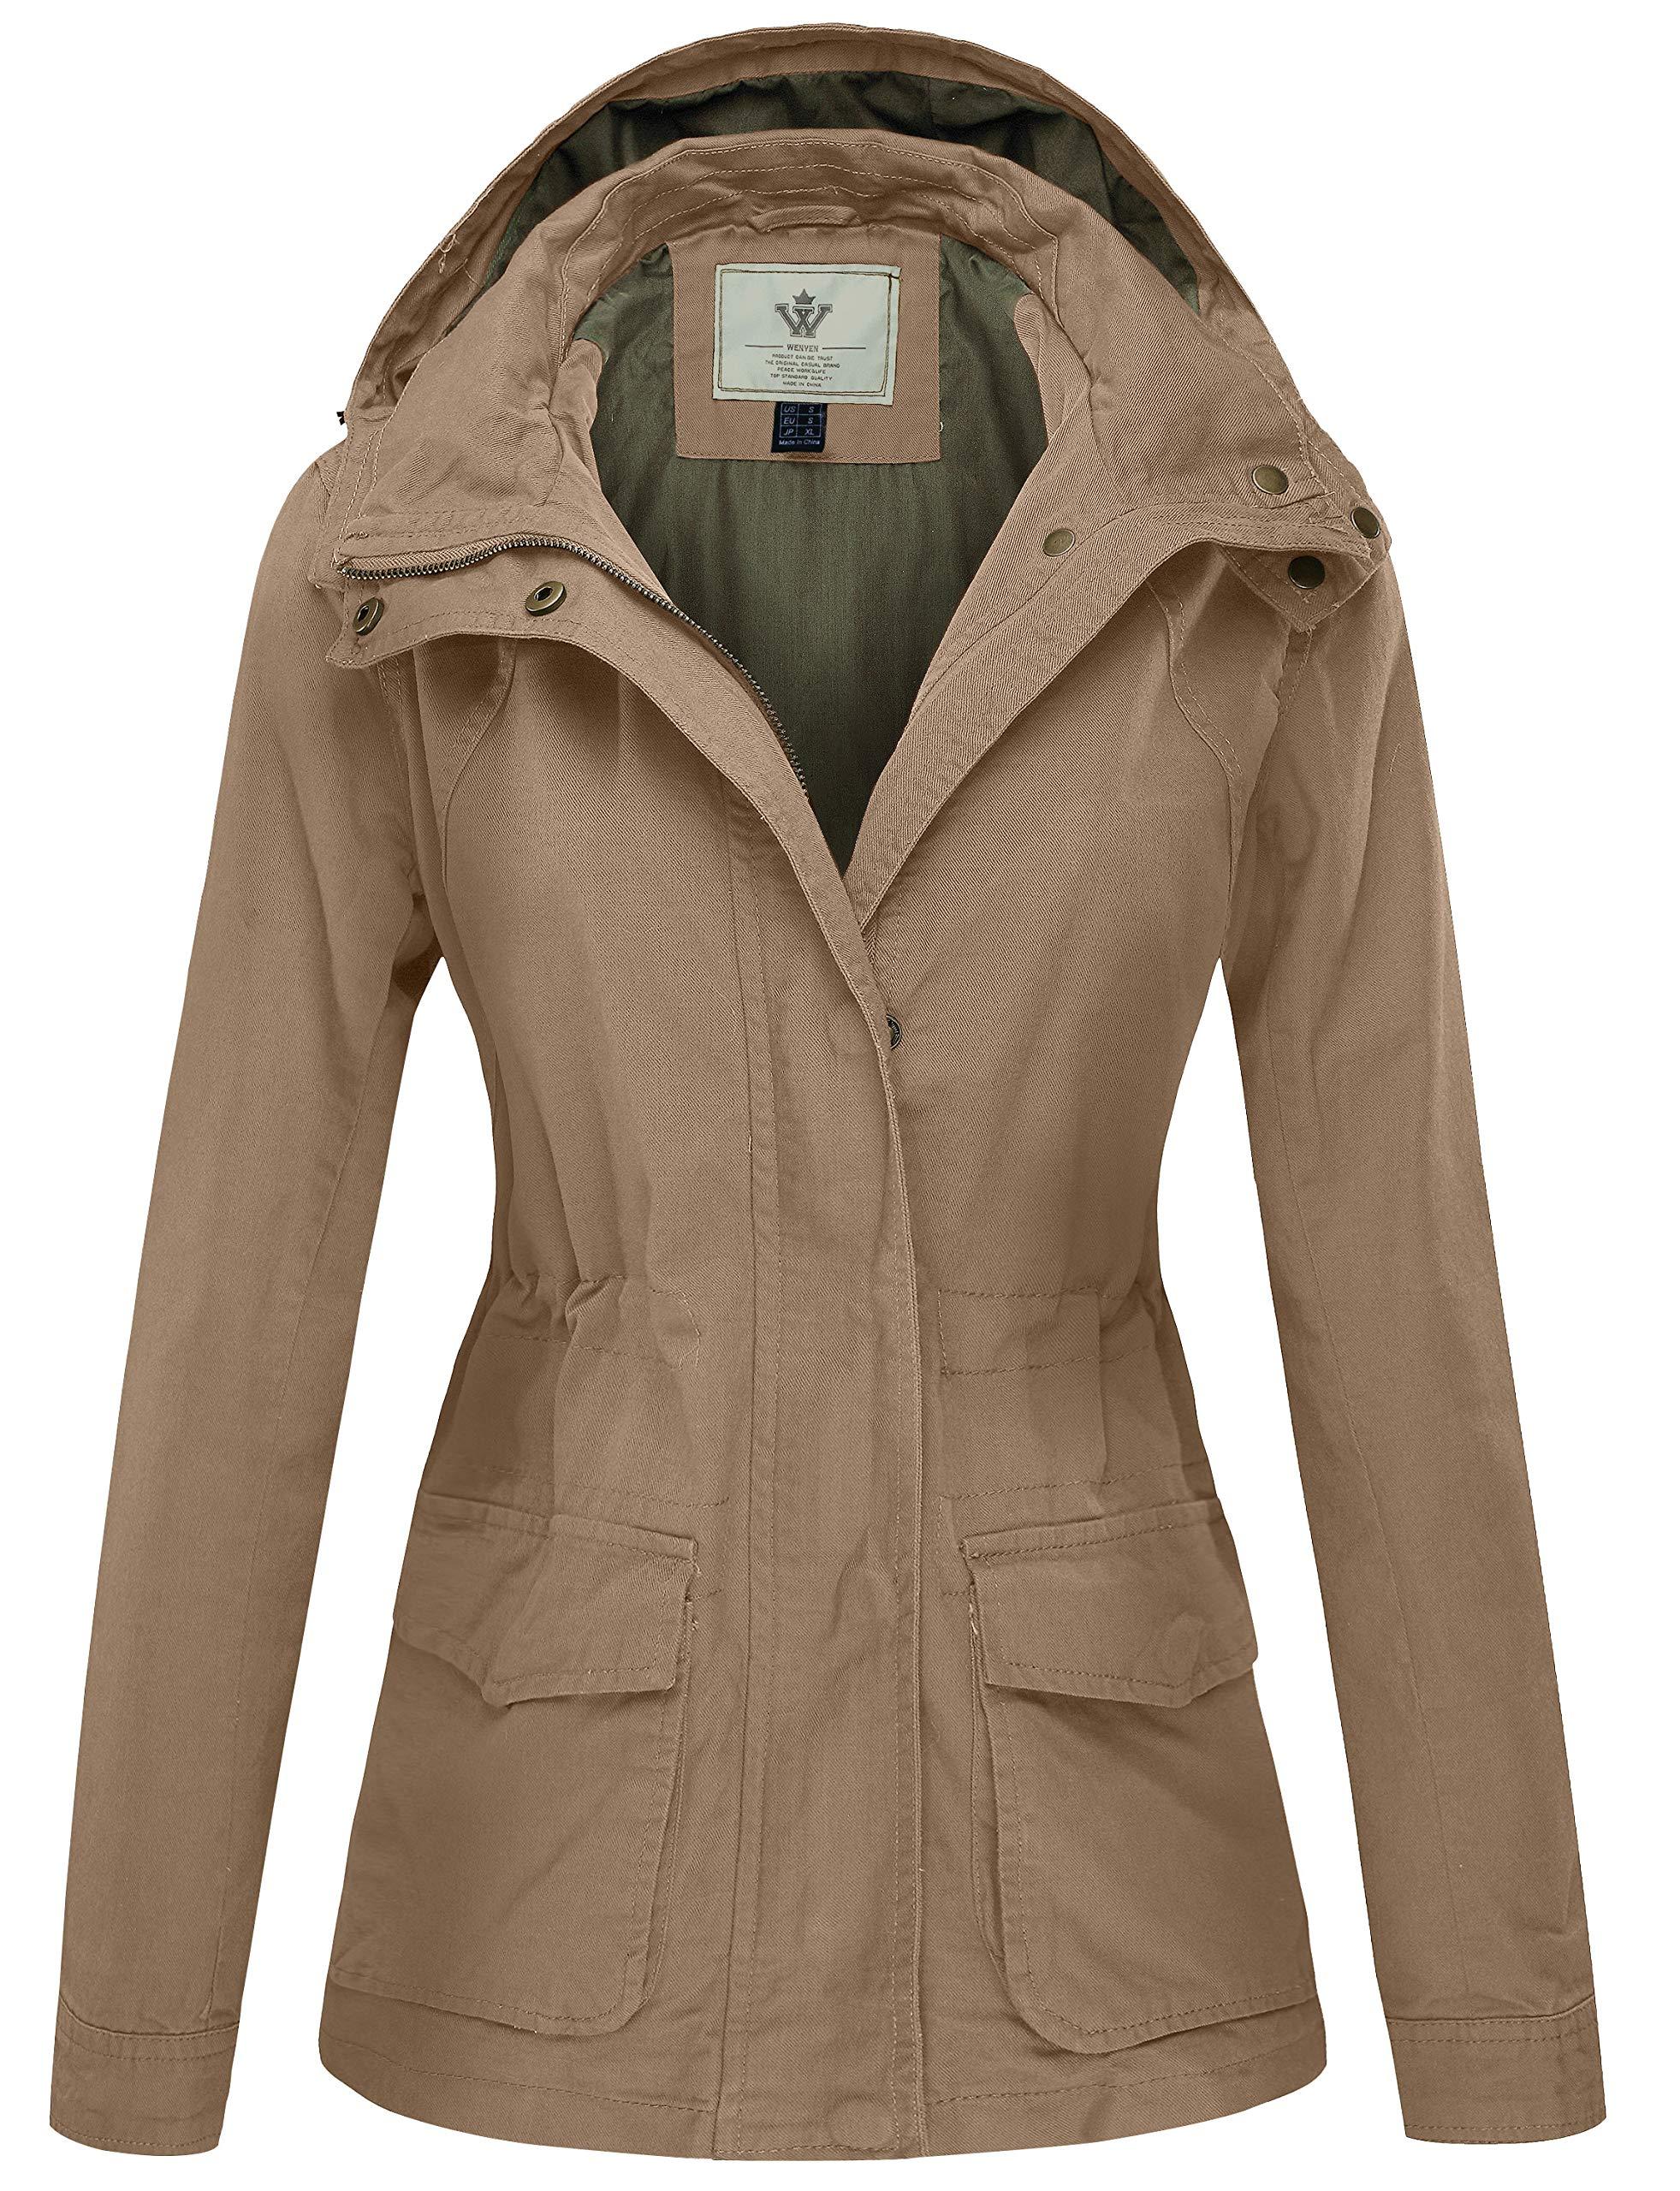 WenVen Women's Utility Military Anorak Jacket Pockets(Khika,Large)